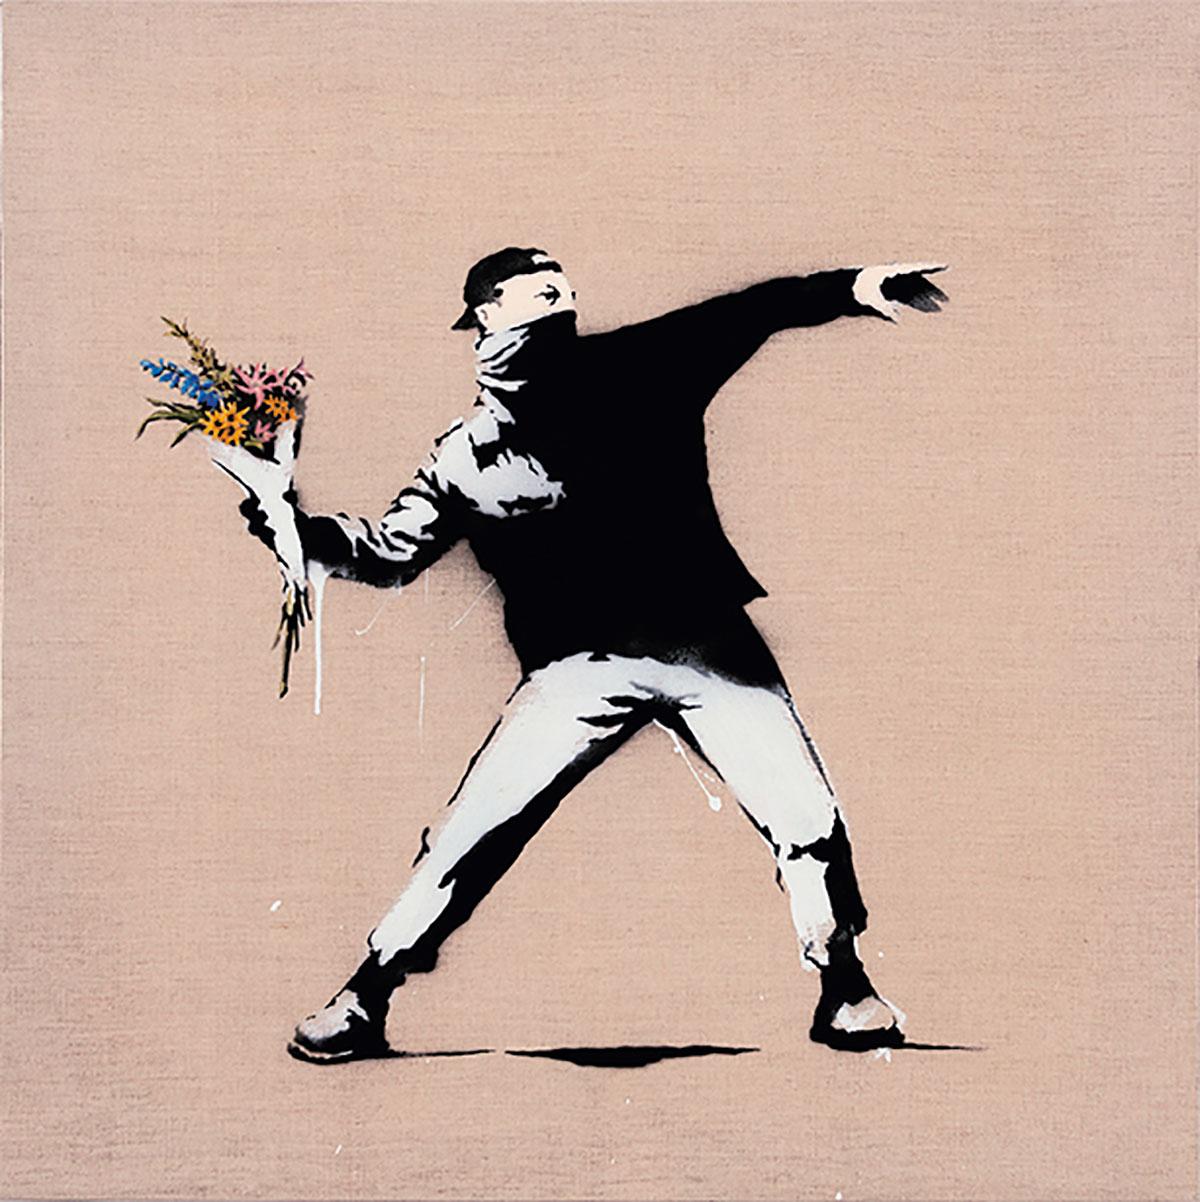 パレスチナのベツレヘム郊外で描かれたバンクシーの作家としての思想や活動家としての姿勢を象徴する一作。圧倒的な武力を誇るイスラエル軍に対して、投石やゴムパチンコで抗議したパレスチナ住民たちの運動をモチーフとしたもの。バンクシーは若者に石の代わりに花束をもたせた。バンクシー《ラヴ・イズ・イン・ジ・エア》Love Is In The Air 2006年 個人蔵